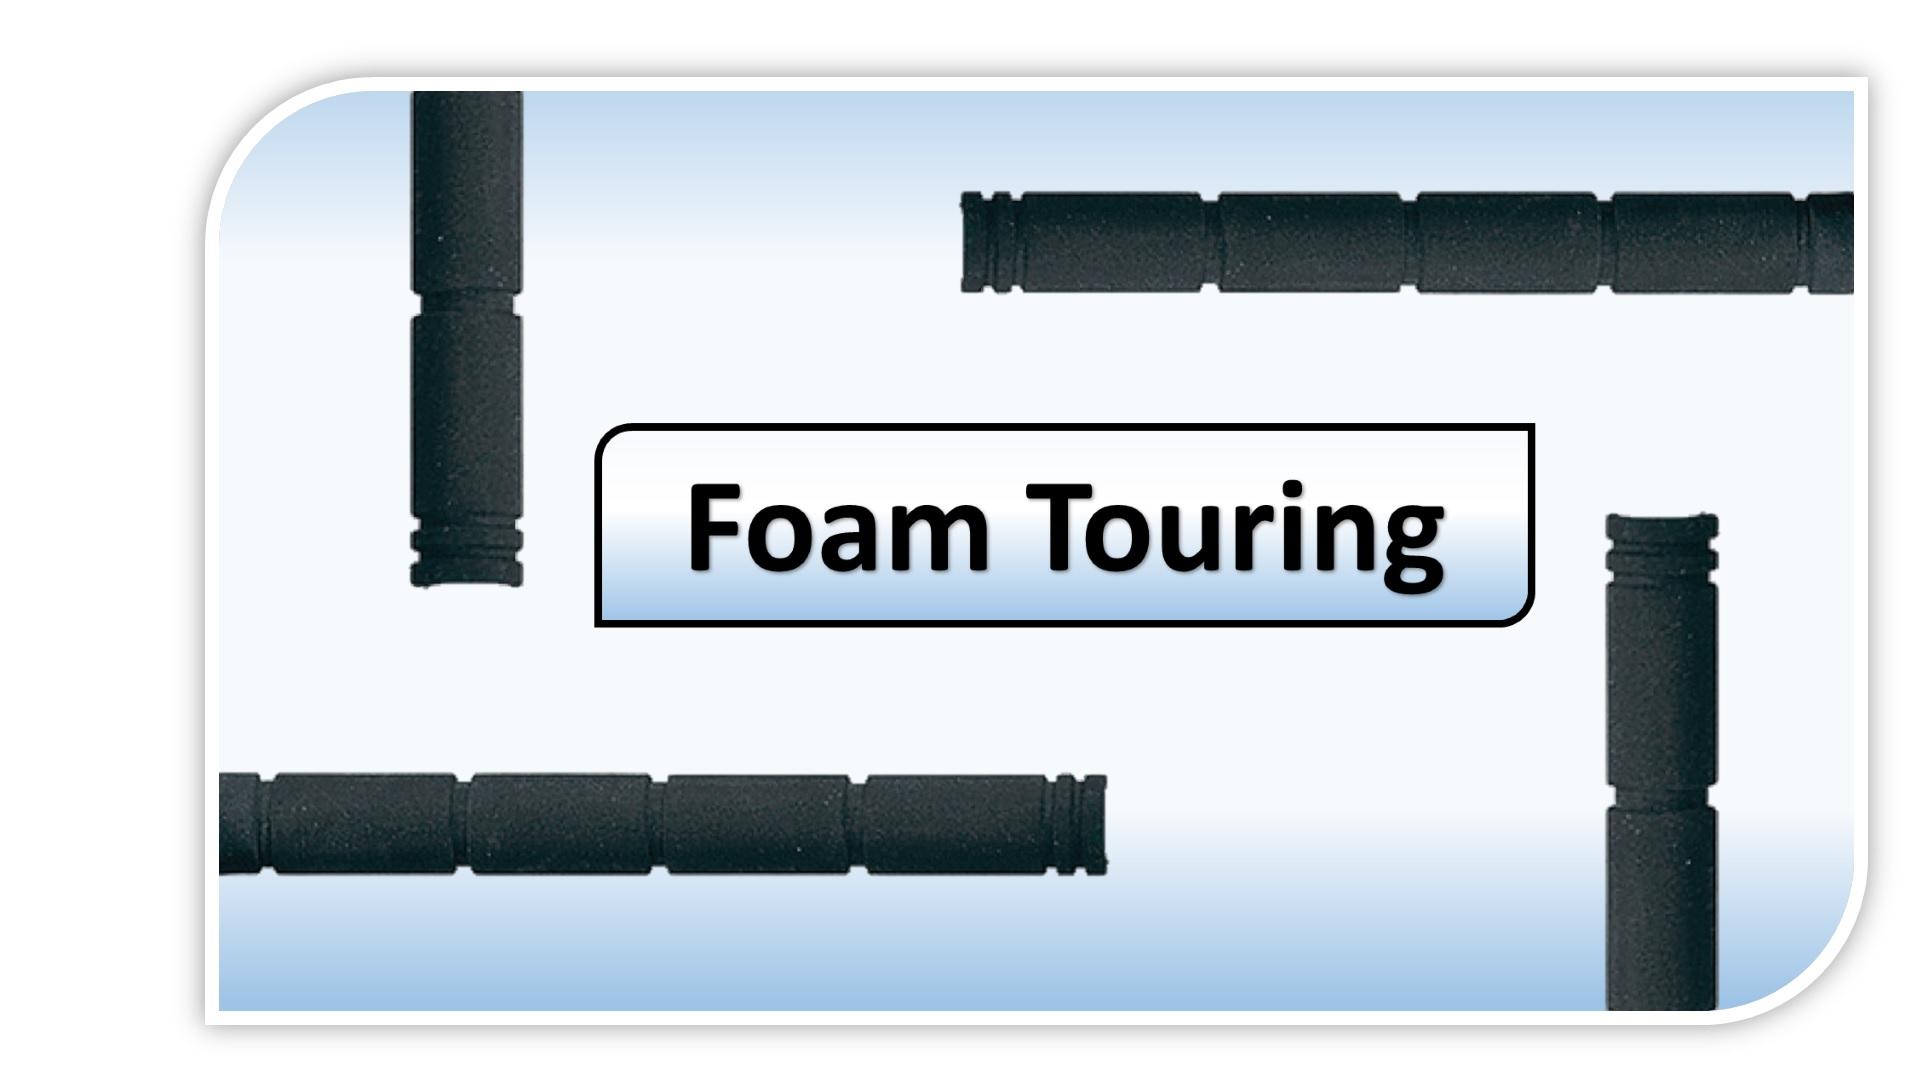 Foam Touring